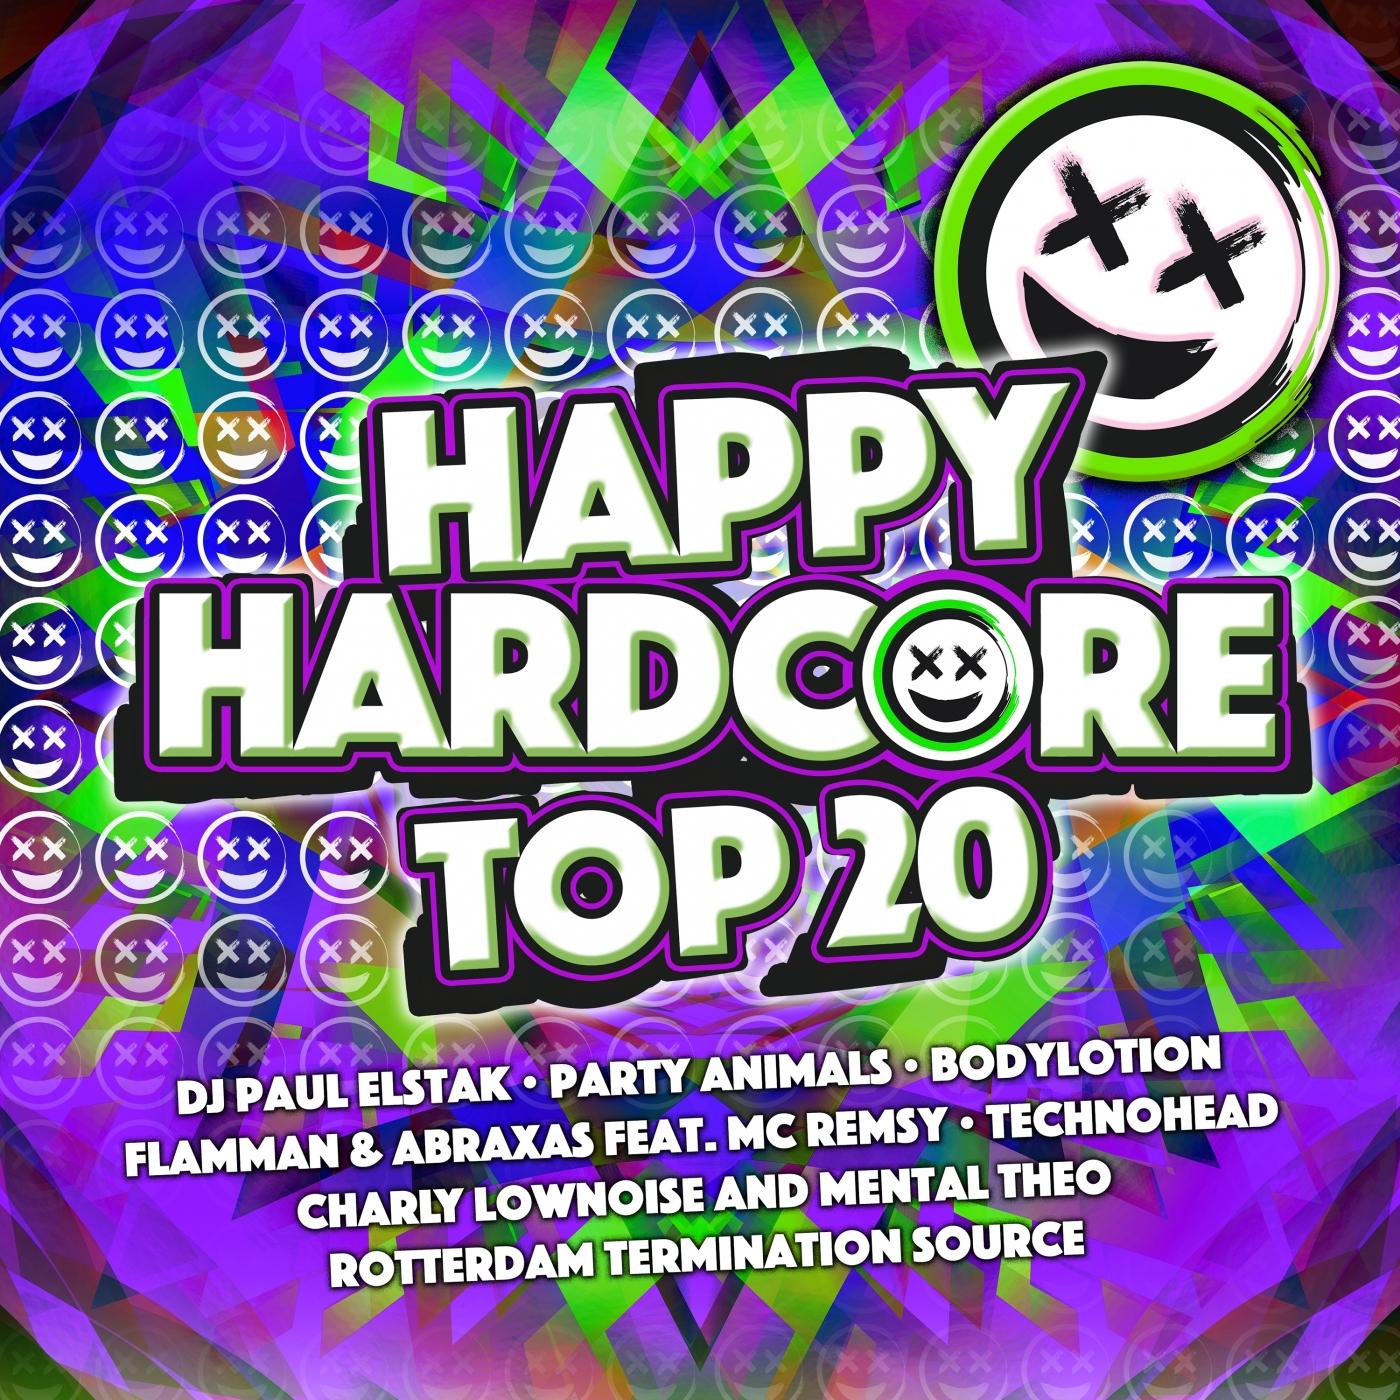 Happy Happy Hardcore 4